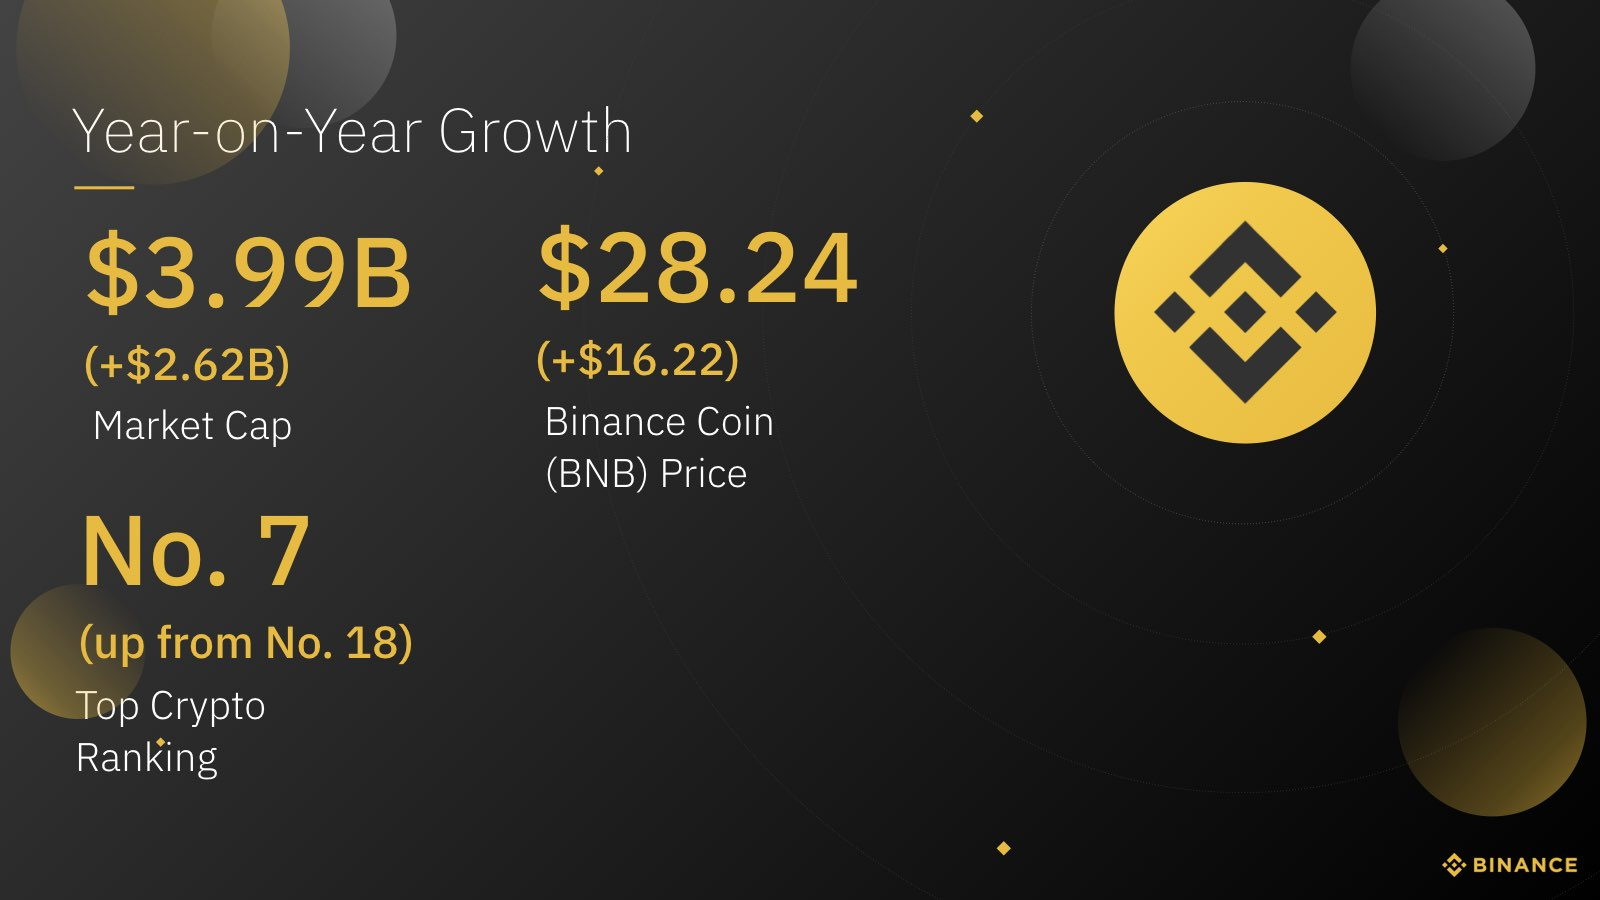 tốc độ phát triển trong 1 năm của binance